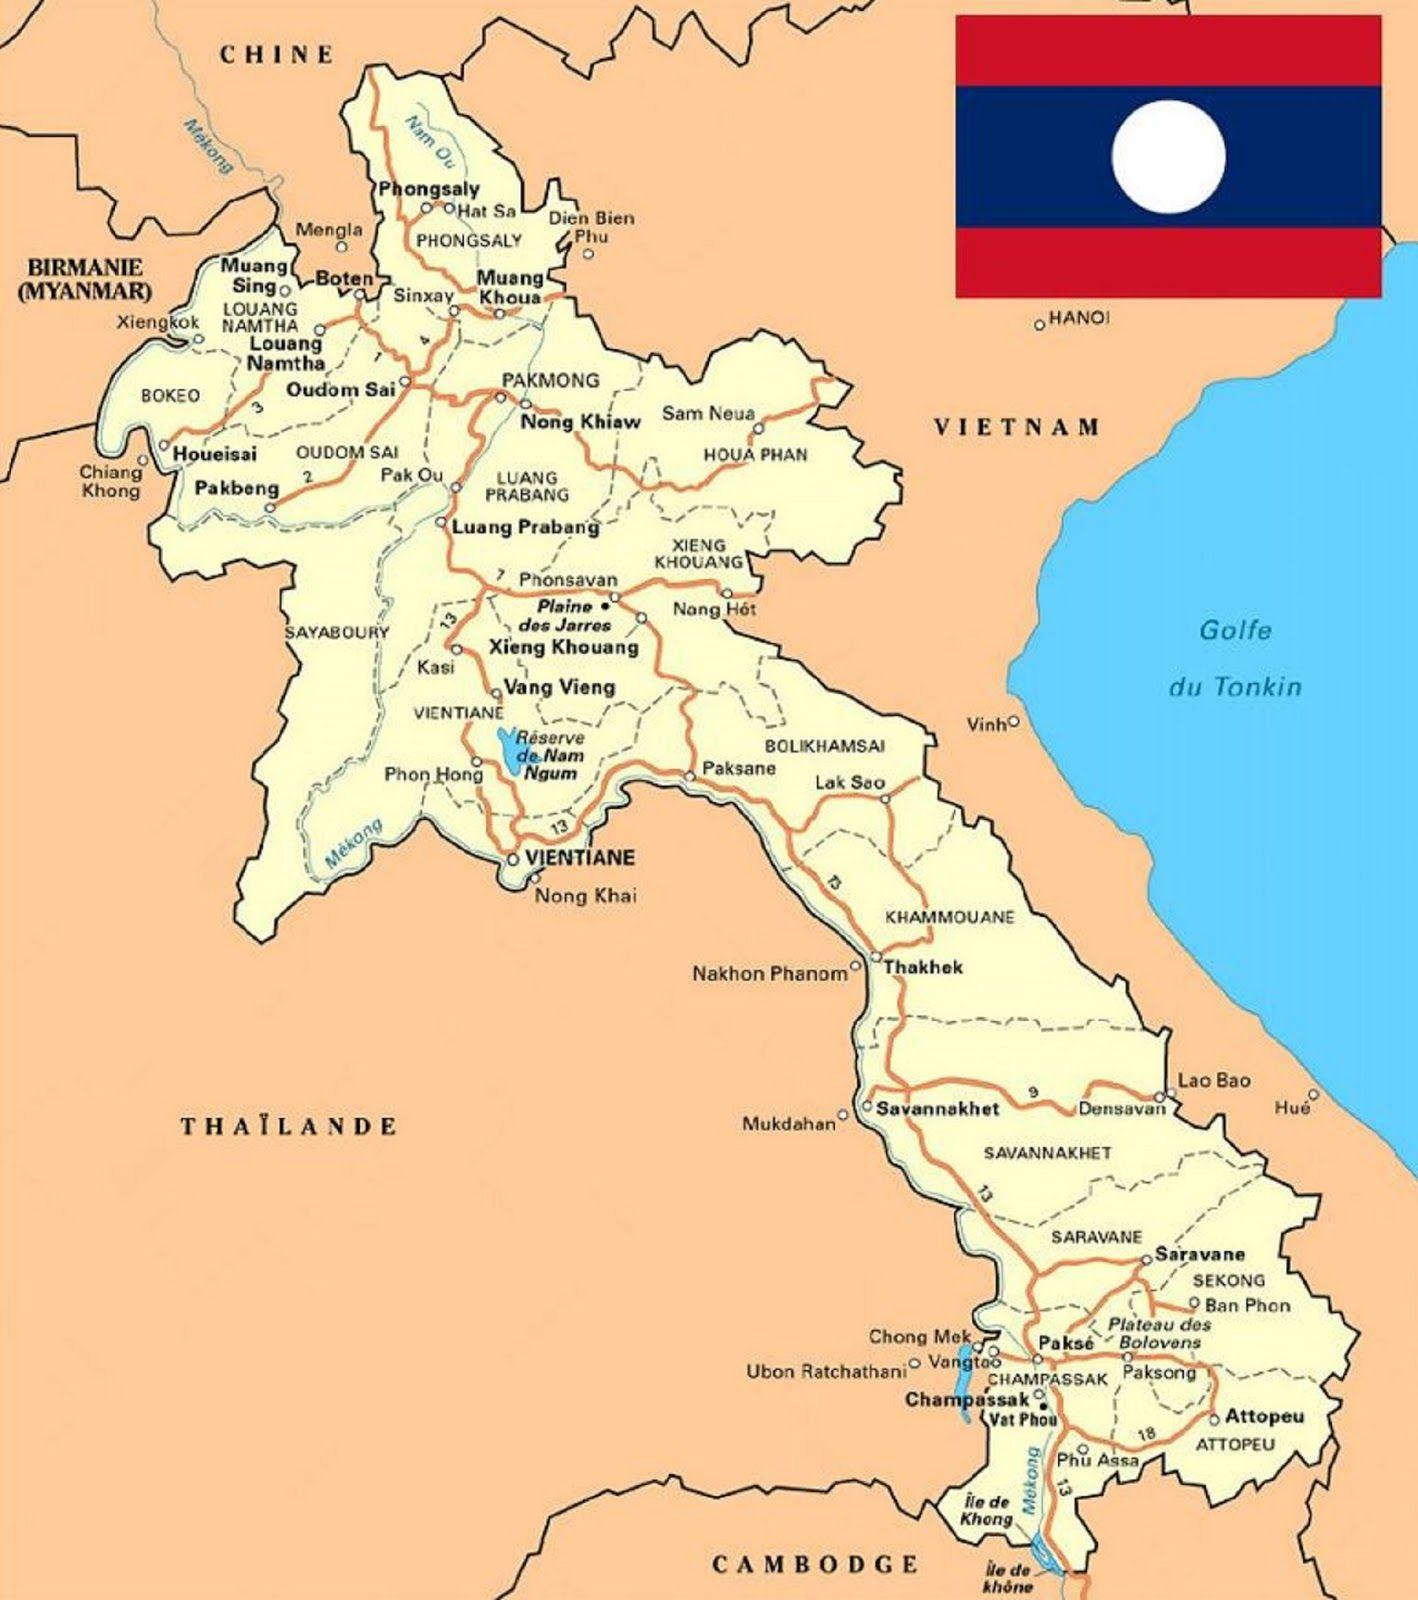 Peta Negara Laos Gambar Hd Lengkap Dan Keterangannya Peta Laos Wallpaper Ponsel